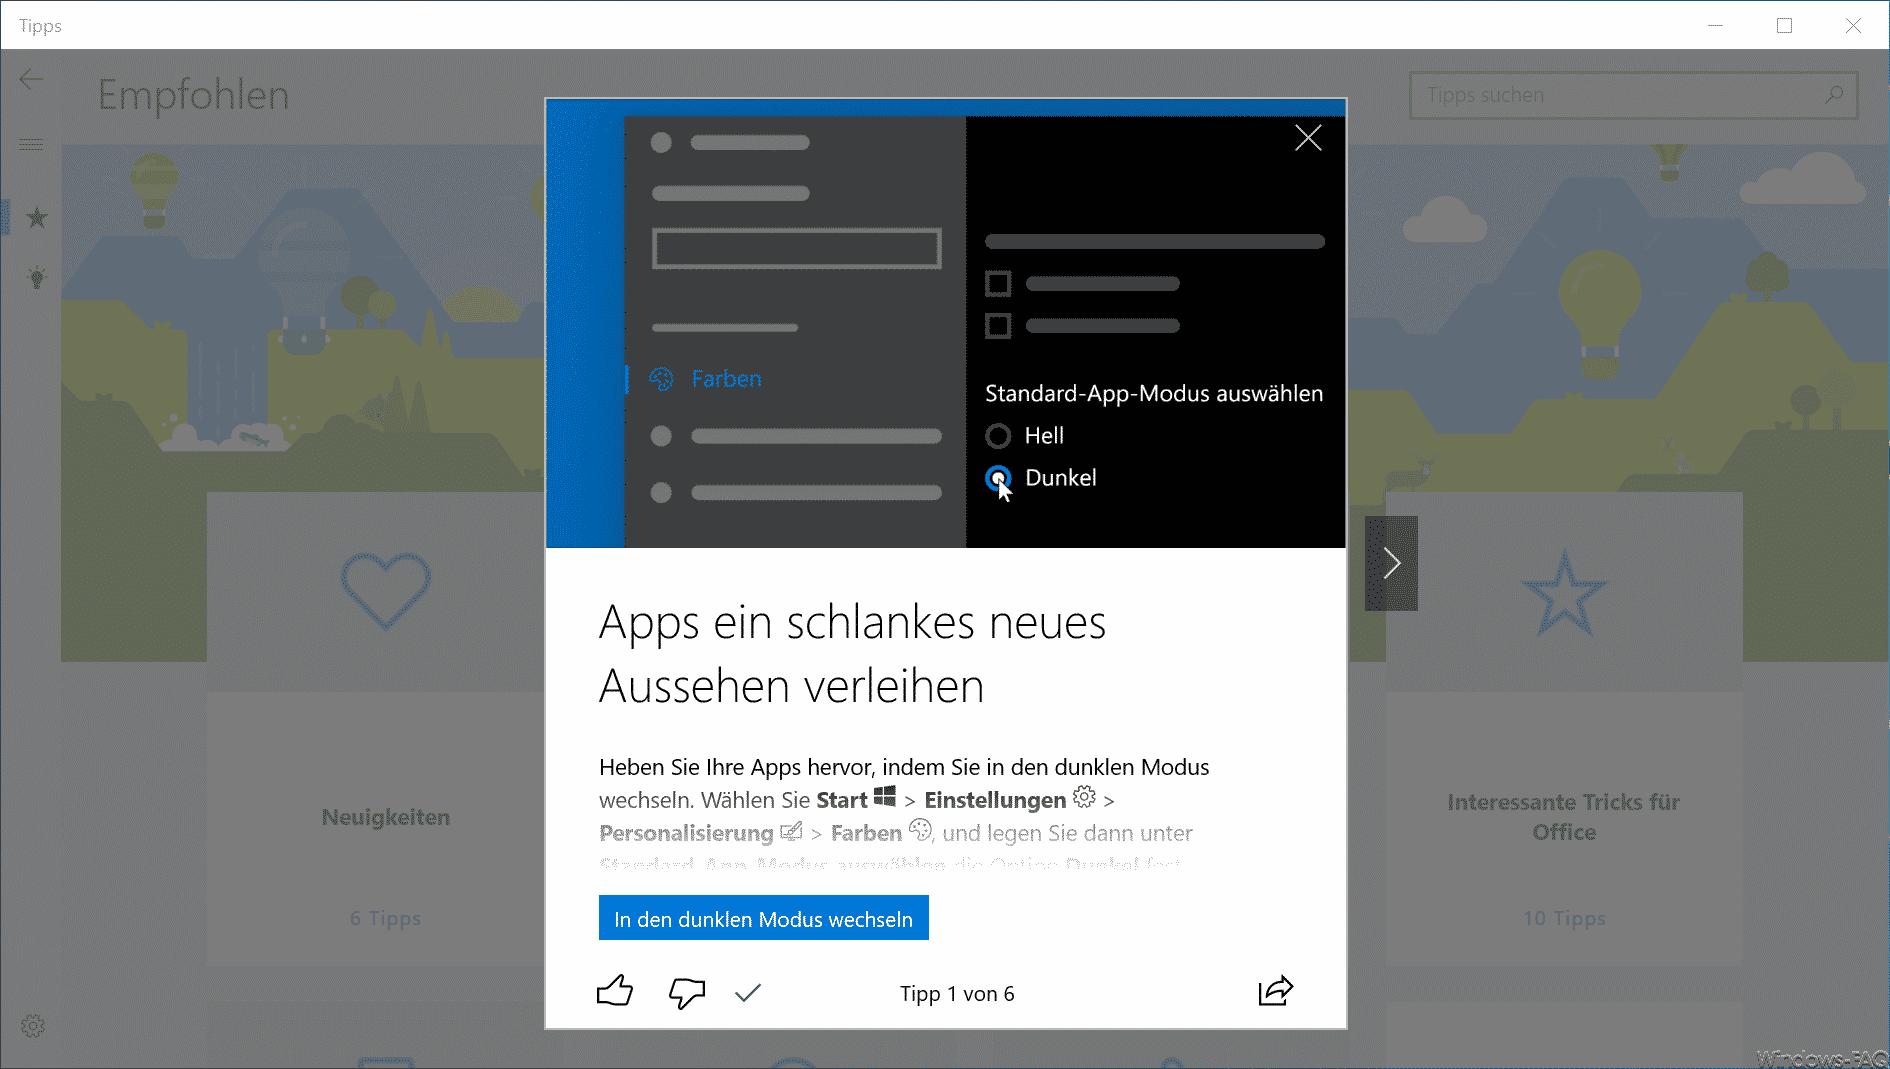 Windows 10 Tipps App Tippvorschlag